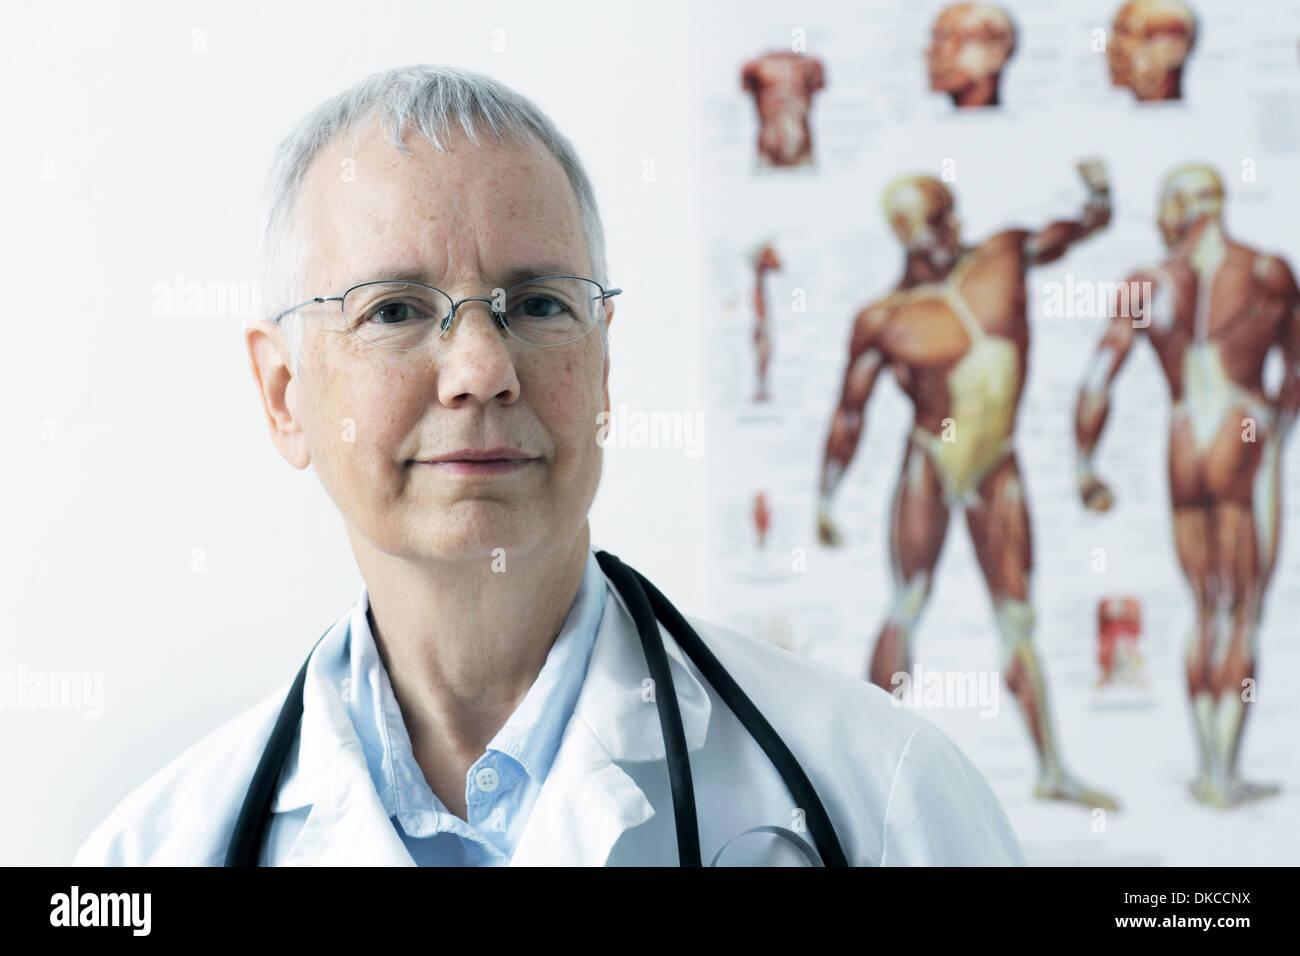 Una mujer doc con un músculo humano persona póster en el fondo, Imagen De Stock